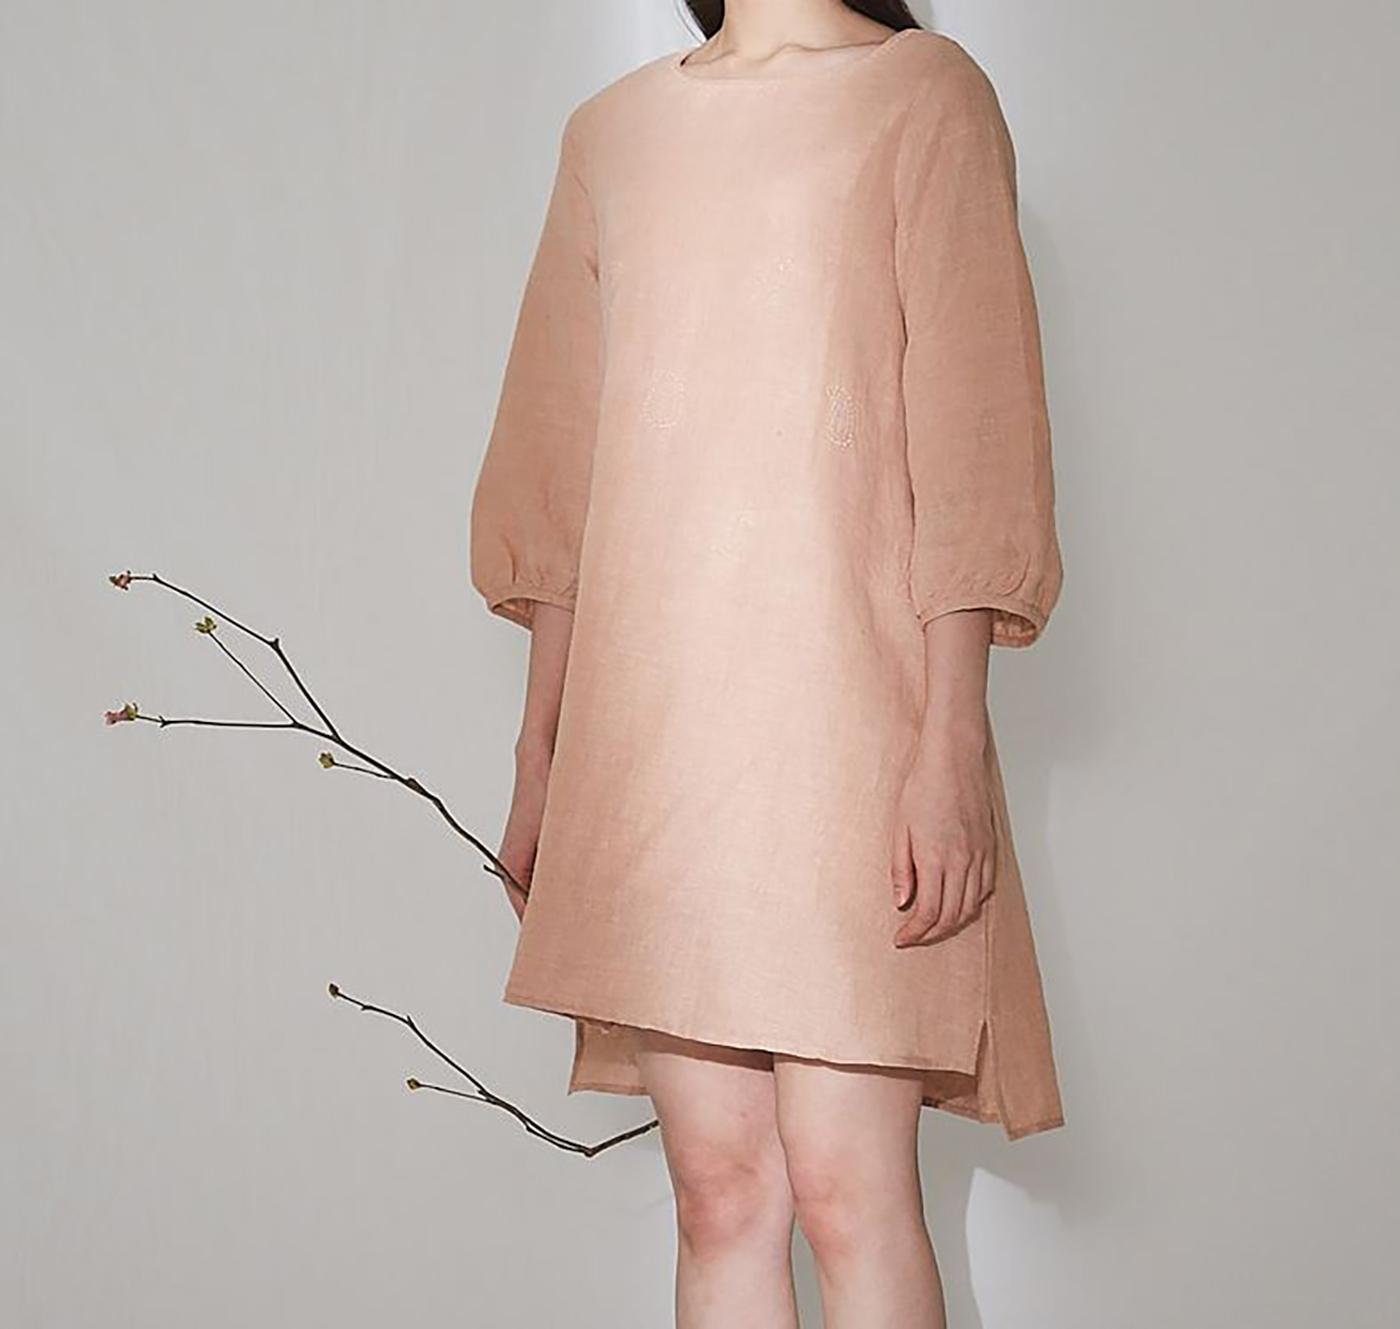 피치 치칸카리 드레스/심플하지만 사랑스러운 색감이 특징인 피치 치칸카리 드레스 상세이미지2